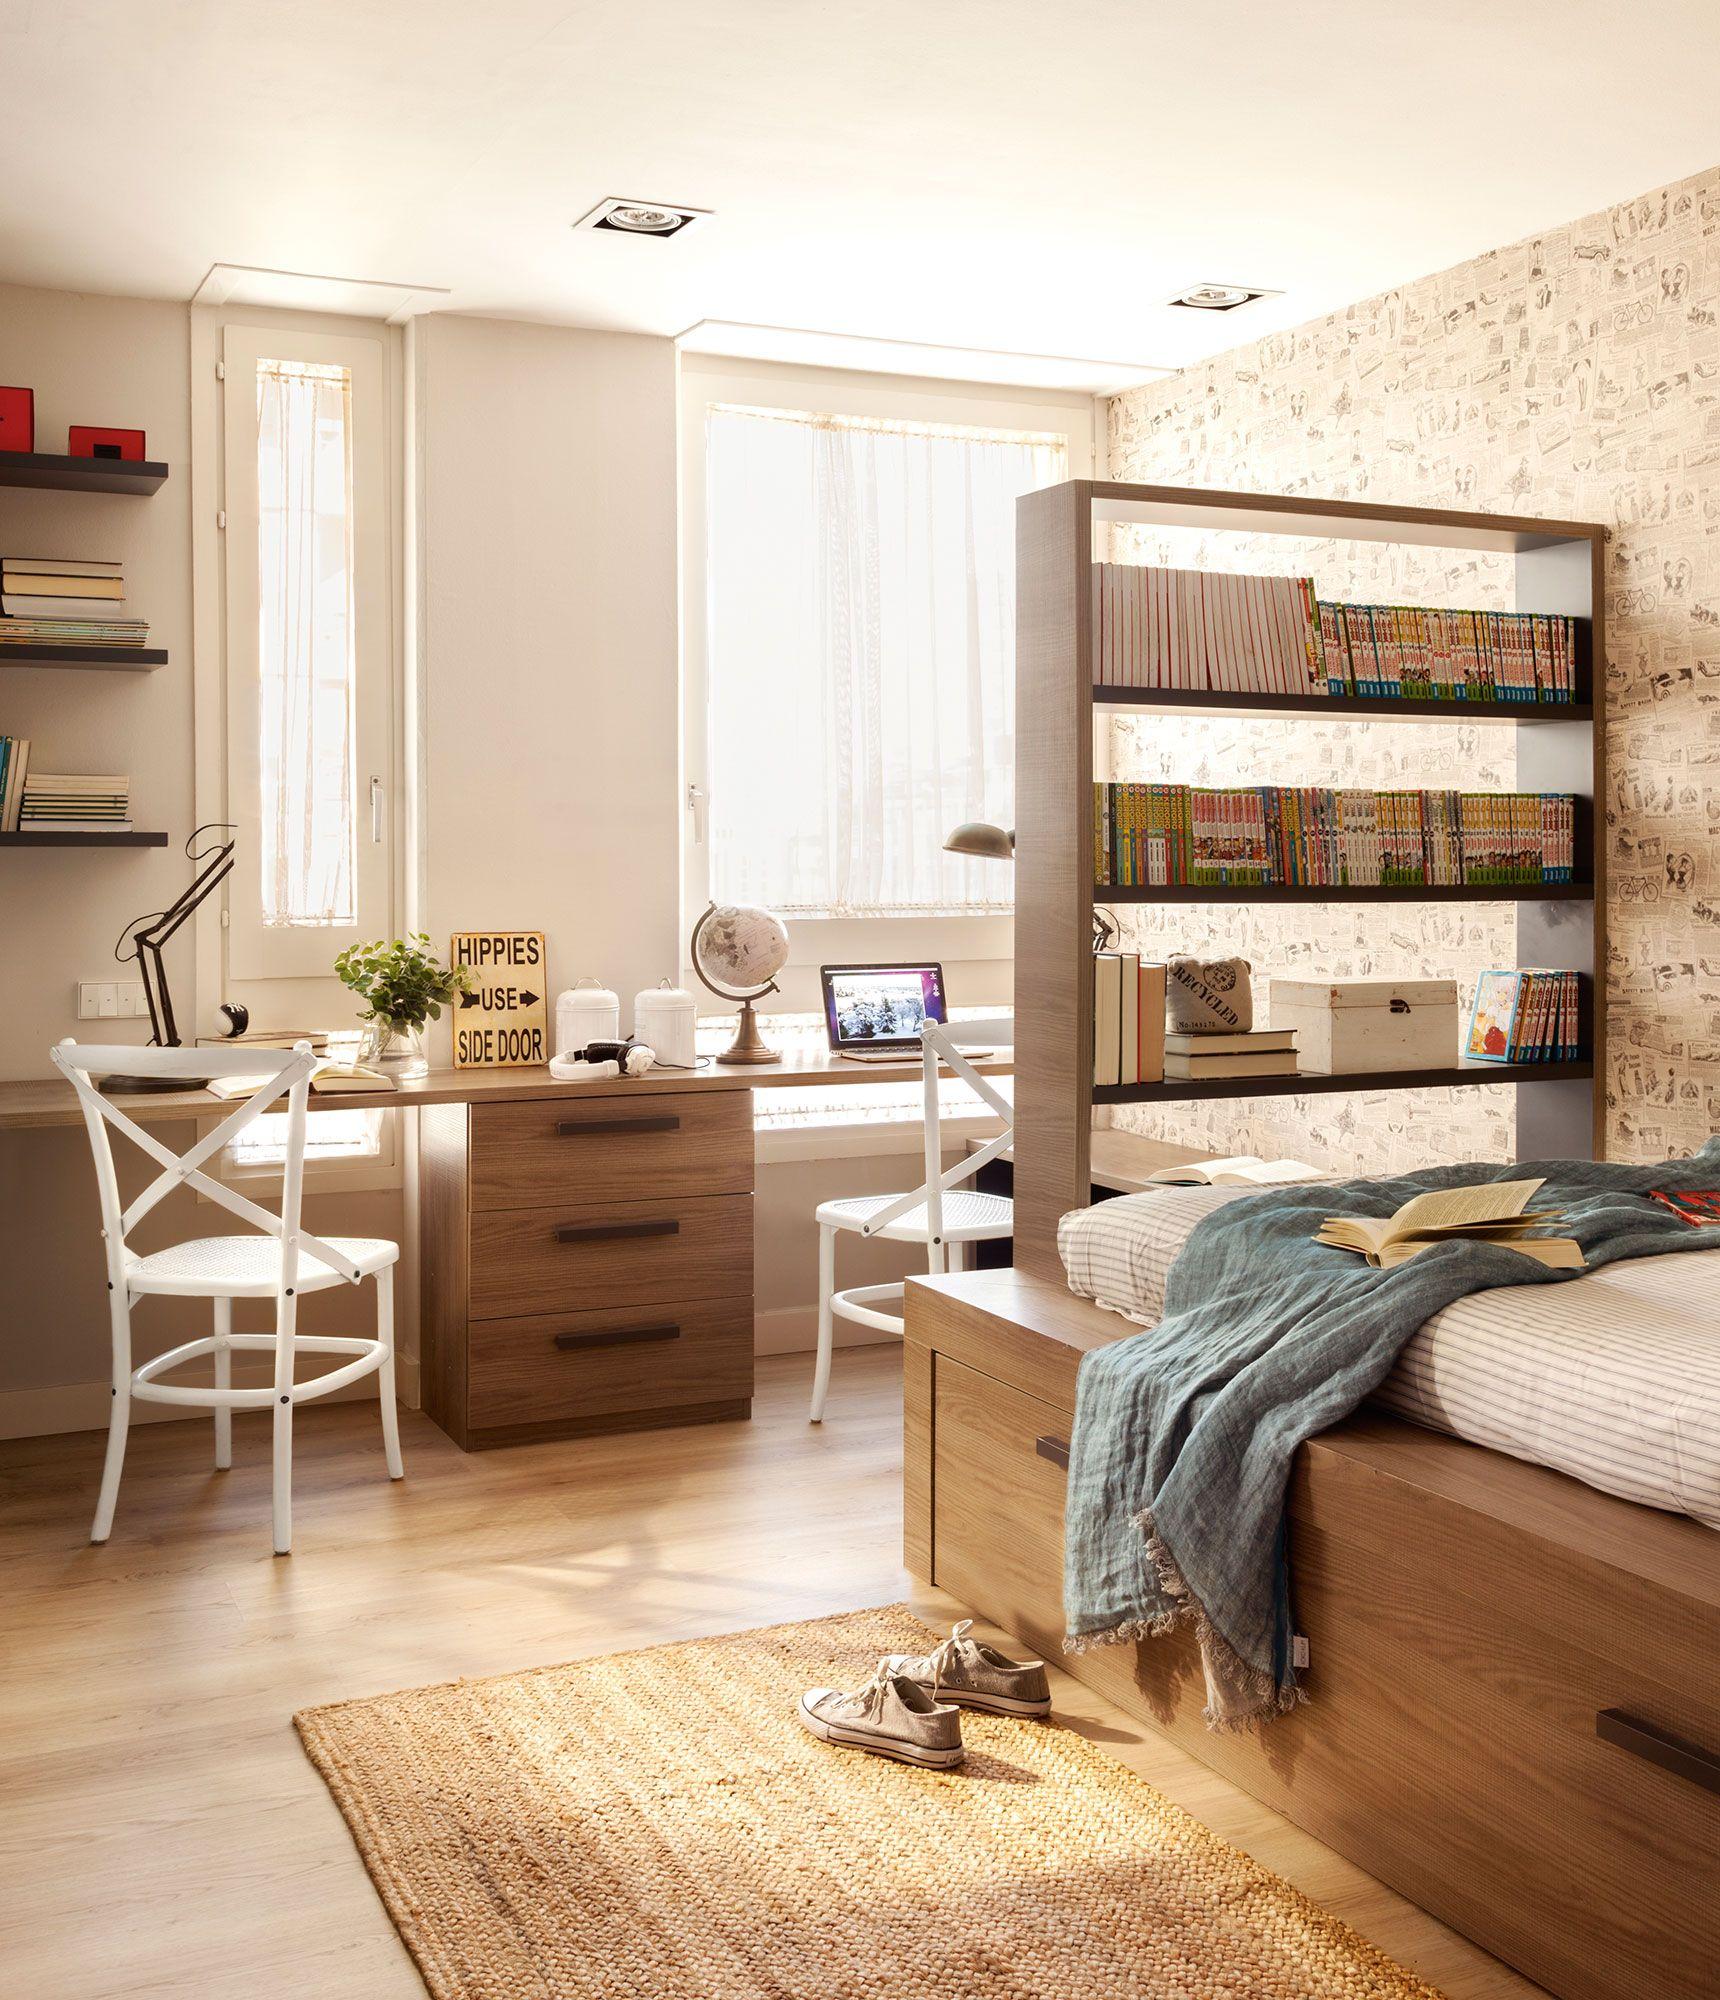 El reino de los ni os 20 dormitorios para todas las - Dormitorios dobles para ninos ...